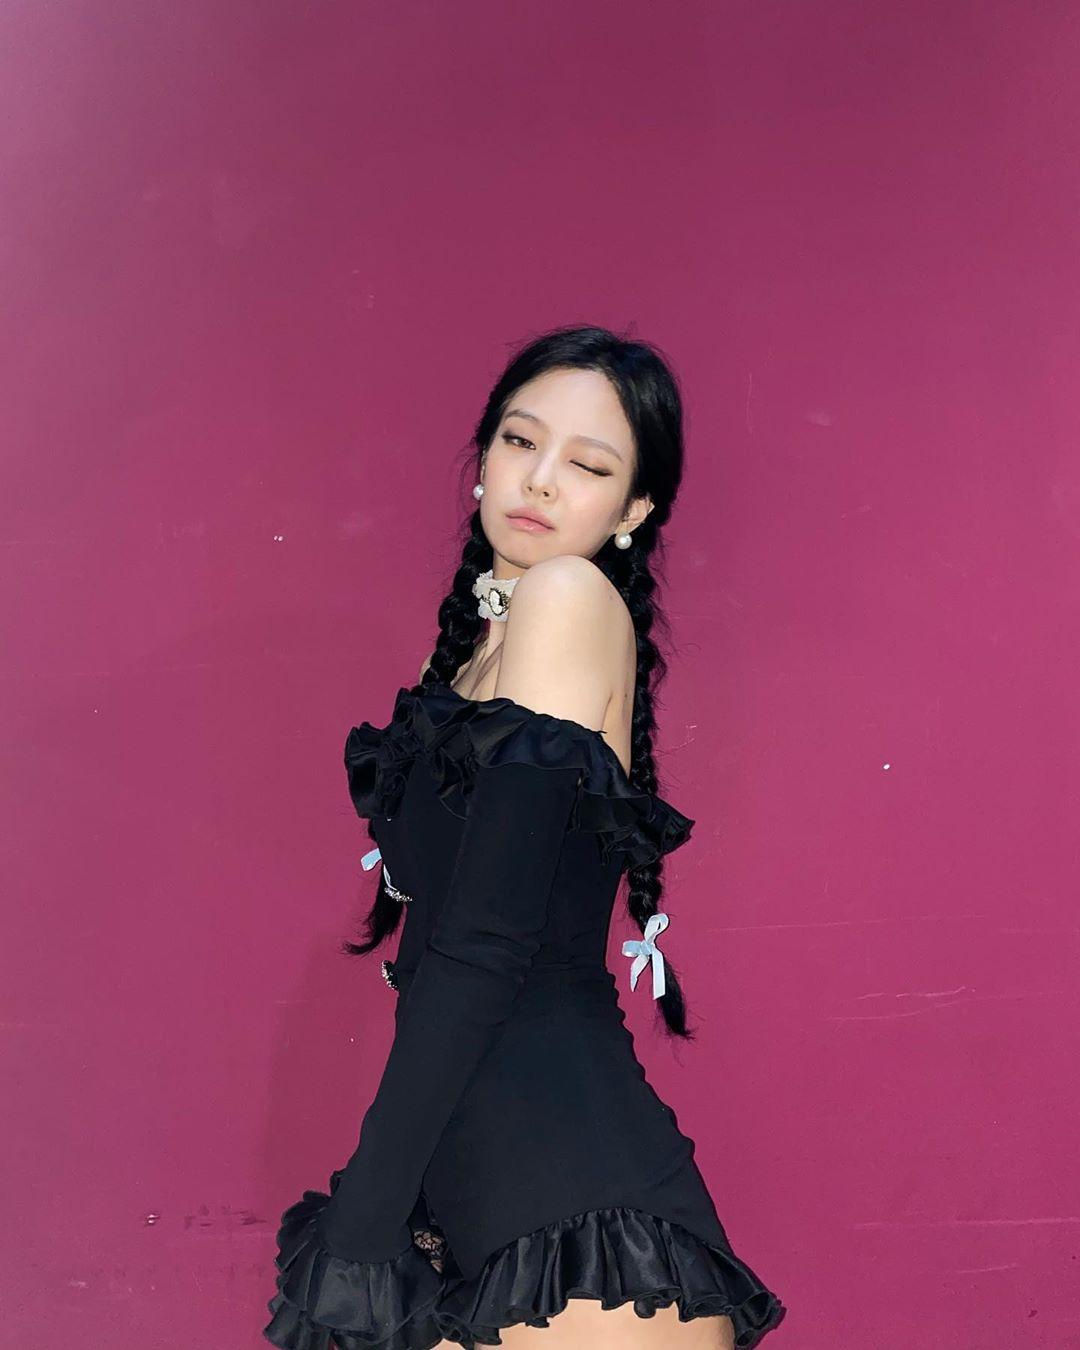 Cứ hỏi sao Jennie hay được stylist chăm chút nhất nhóm, một phần là bởi cô khéo biến hình xuất sắc thế này cơ mà - Ảnh 3.